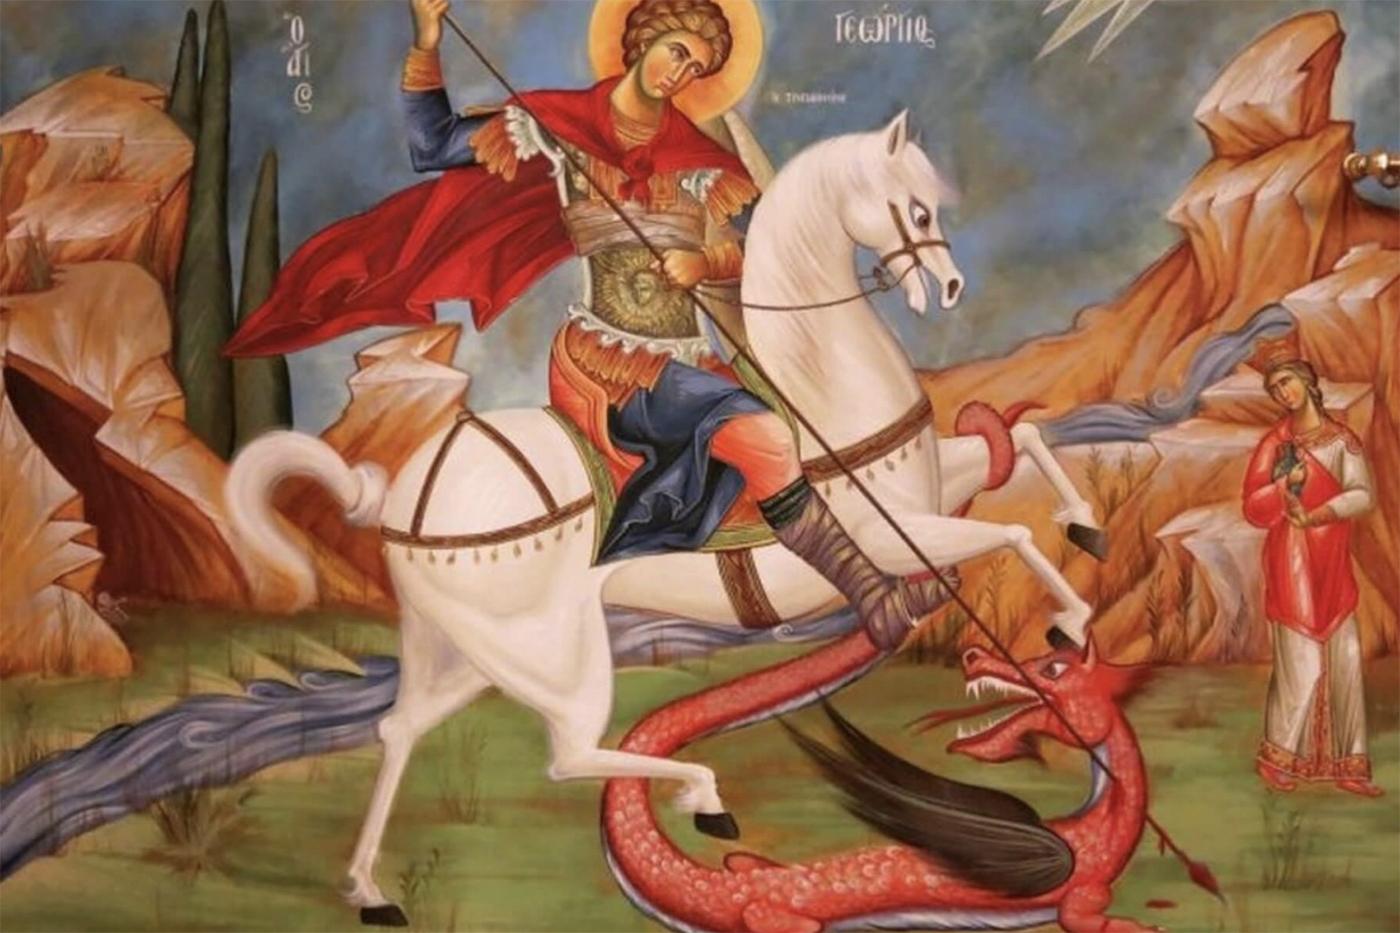 Άγιος Γεώργιος: Γιατί γιορτάζει σήμερα 03 Μαϊου και όχι 23 Απριλίου